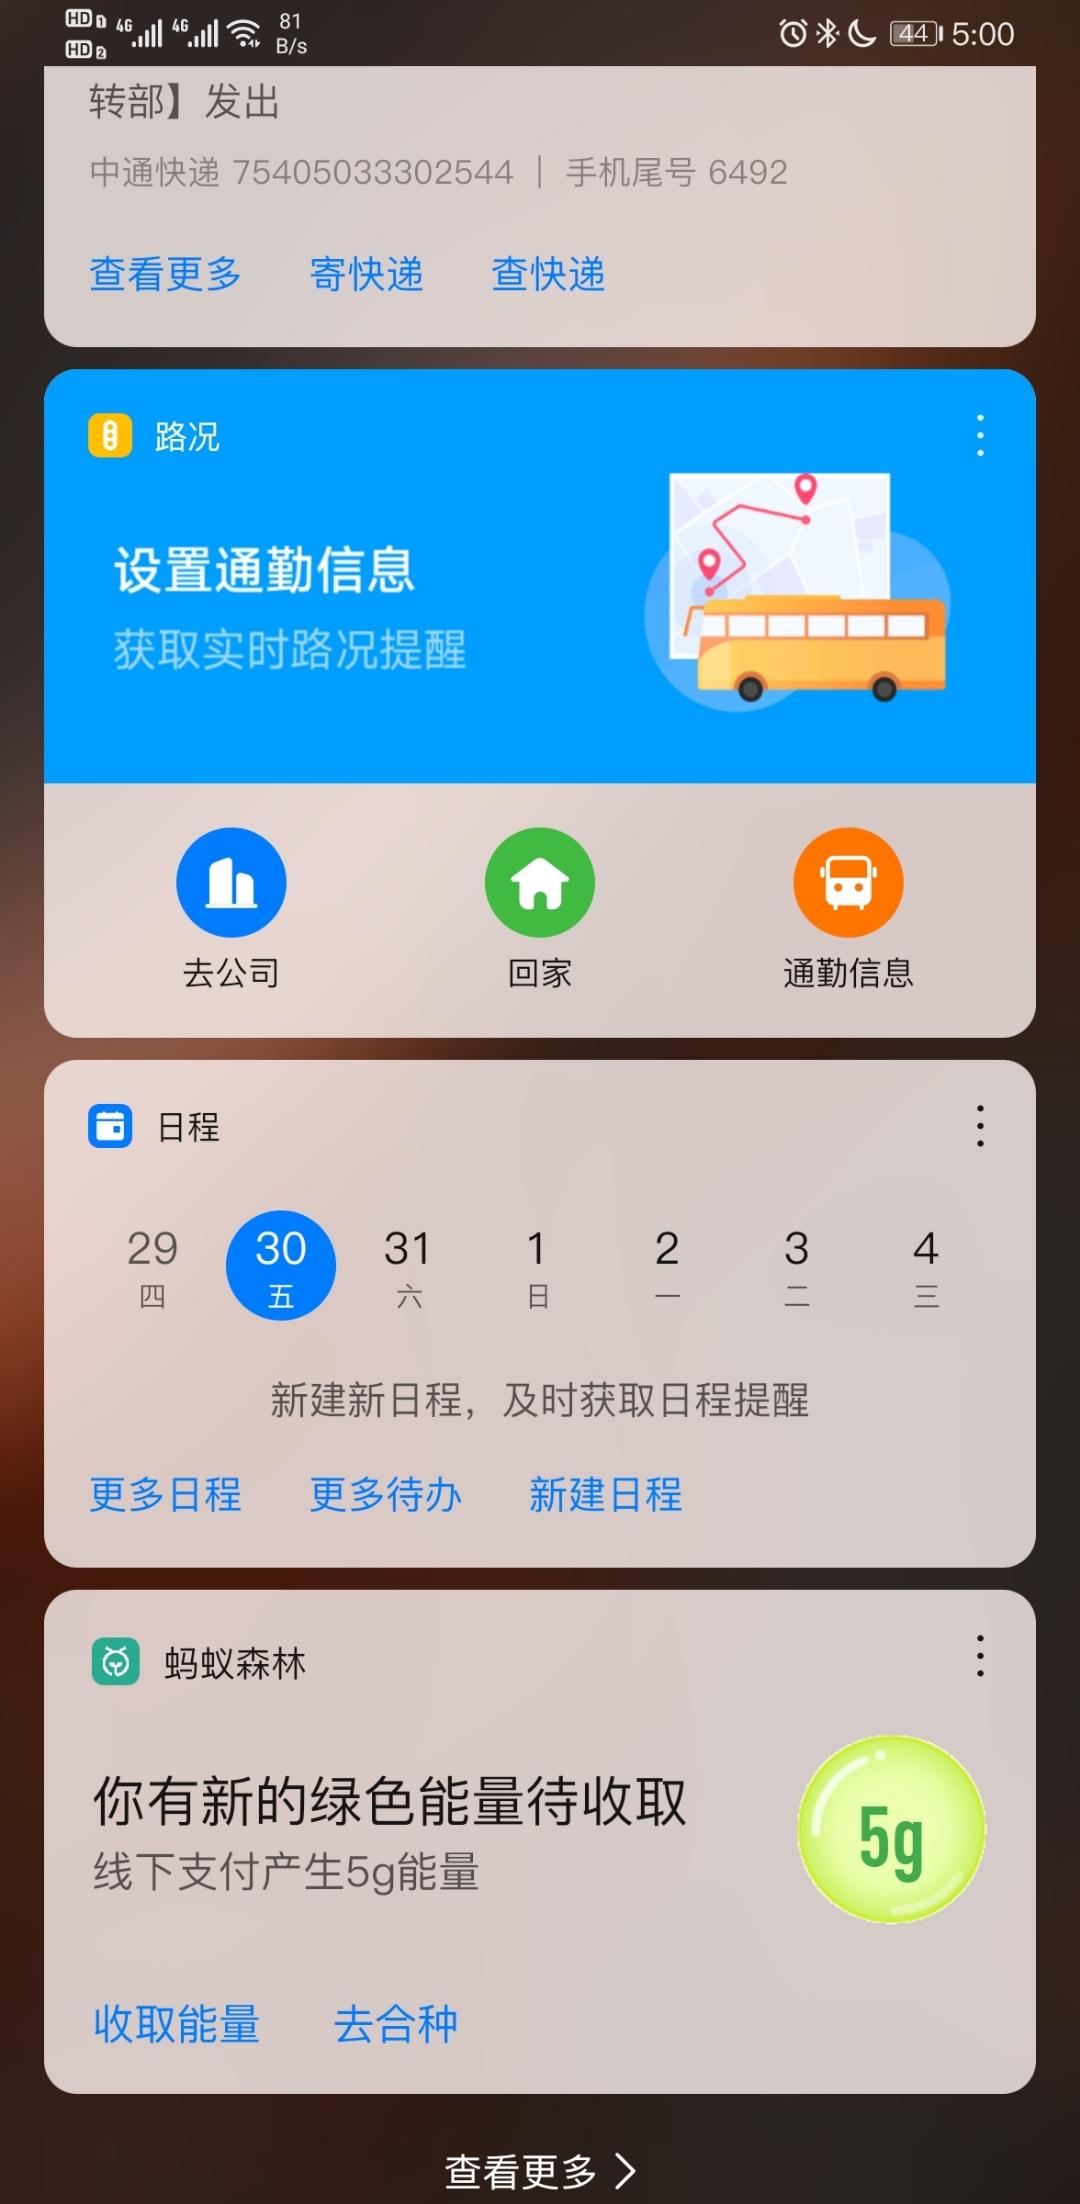 Screenshot_20201030_050055_com.huawei.android.launcher.jpg